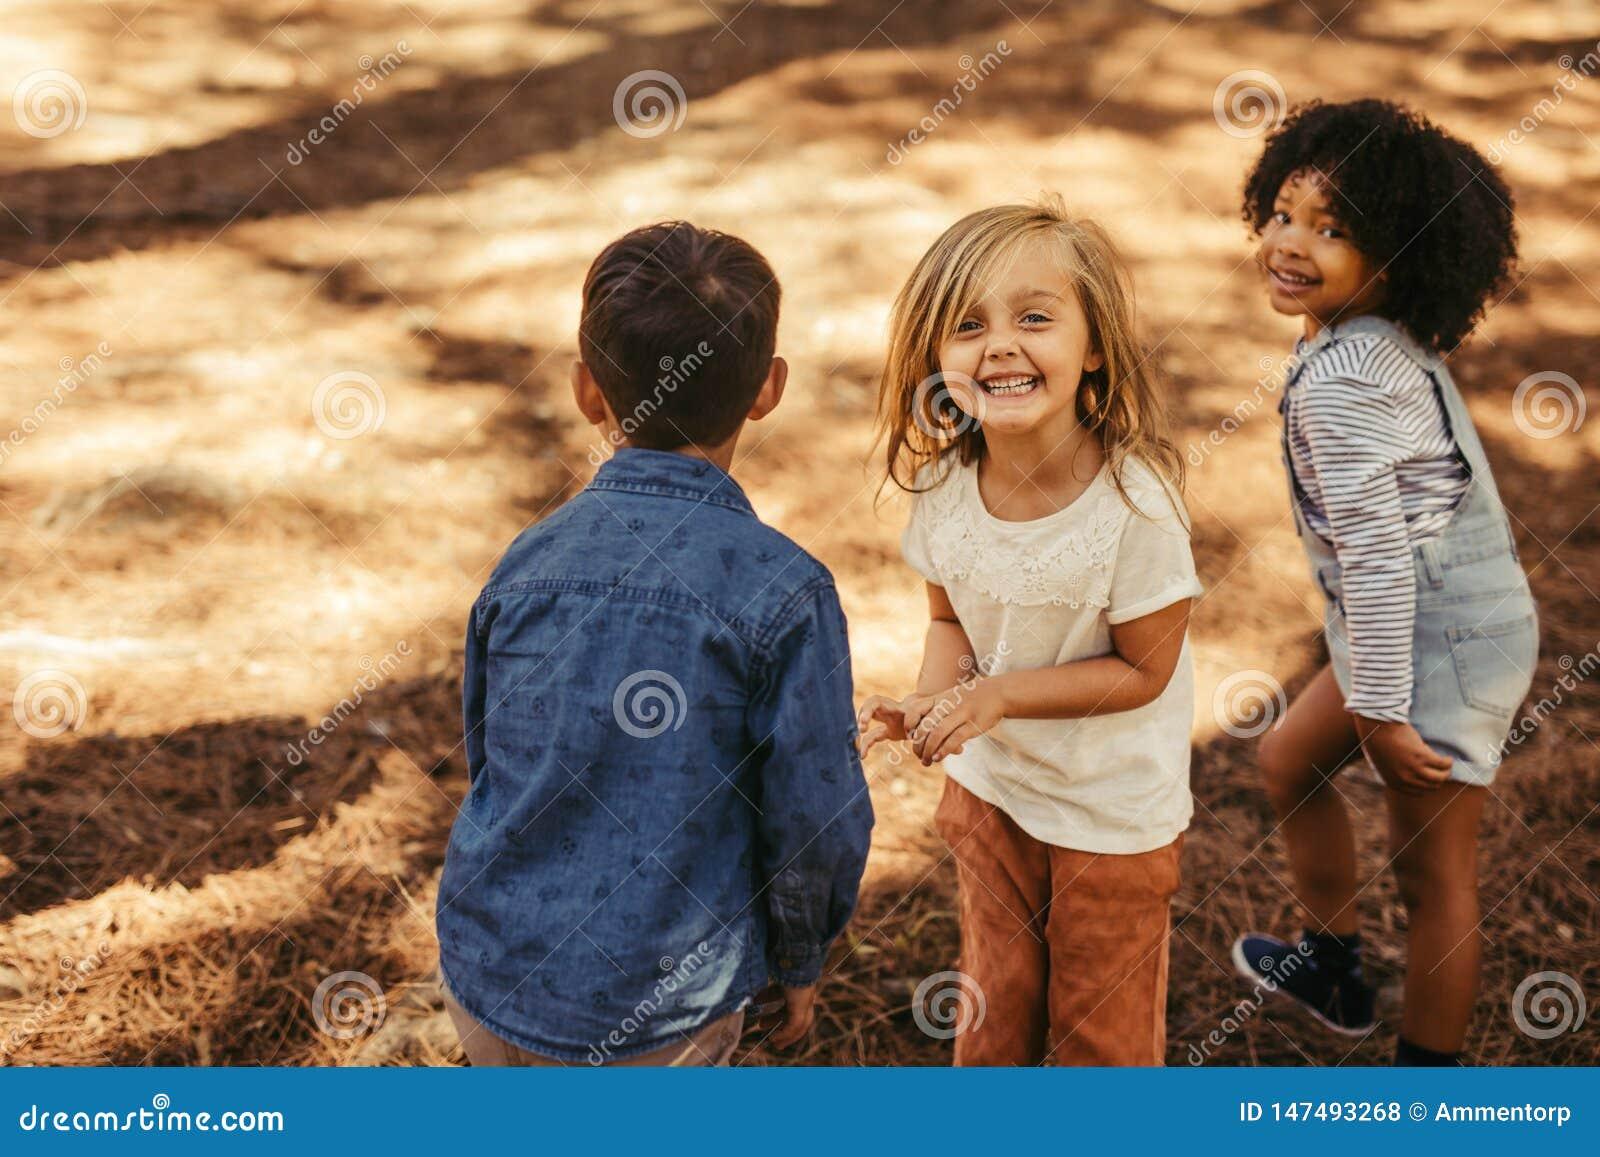 Grupa dzieci bawić się w lesie